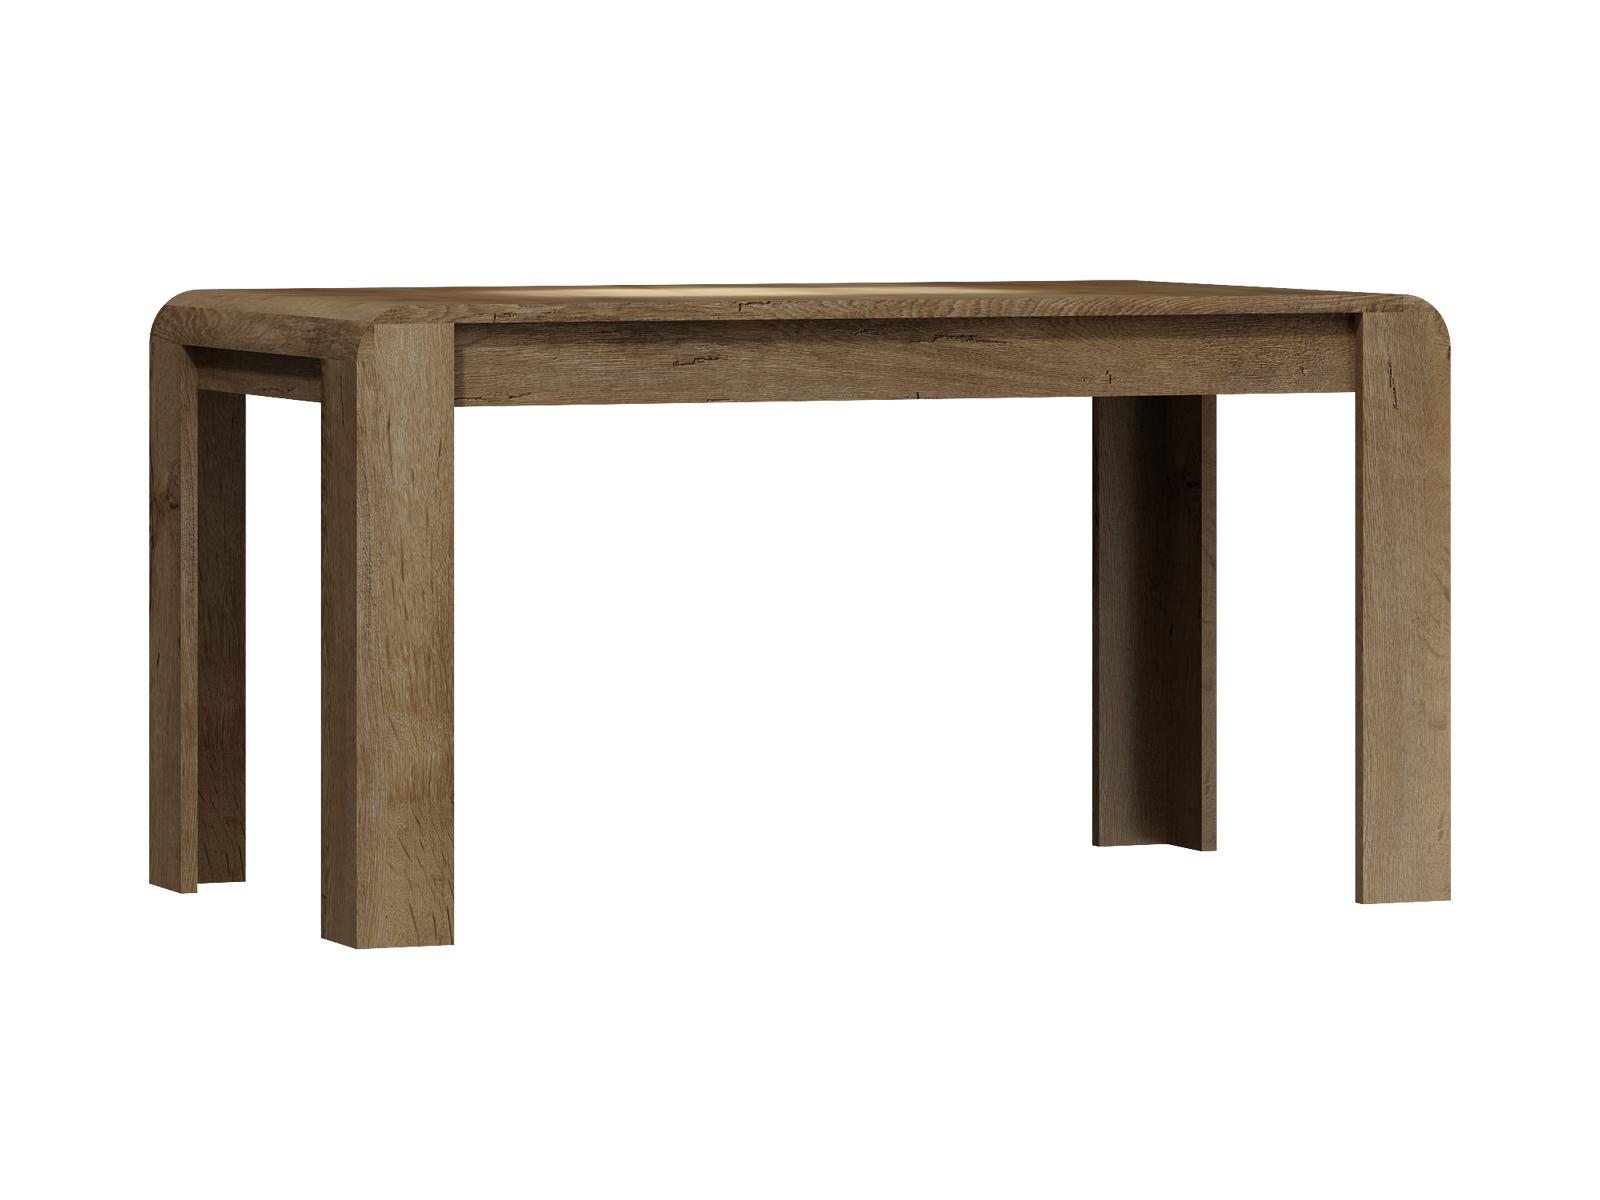 Jedálenský stôl - Lenham (pre 6 až 8 osôb). Akcia -44%. Vlastná spoľahlivá doprava až k Vám domov.